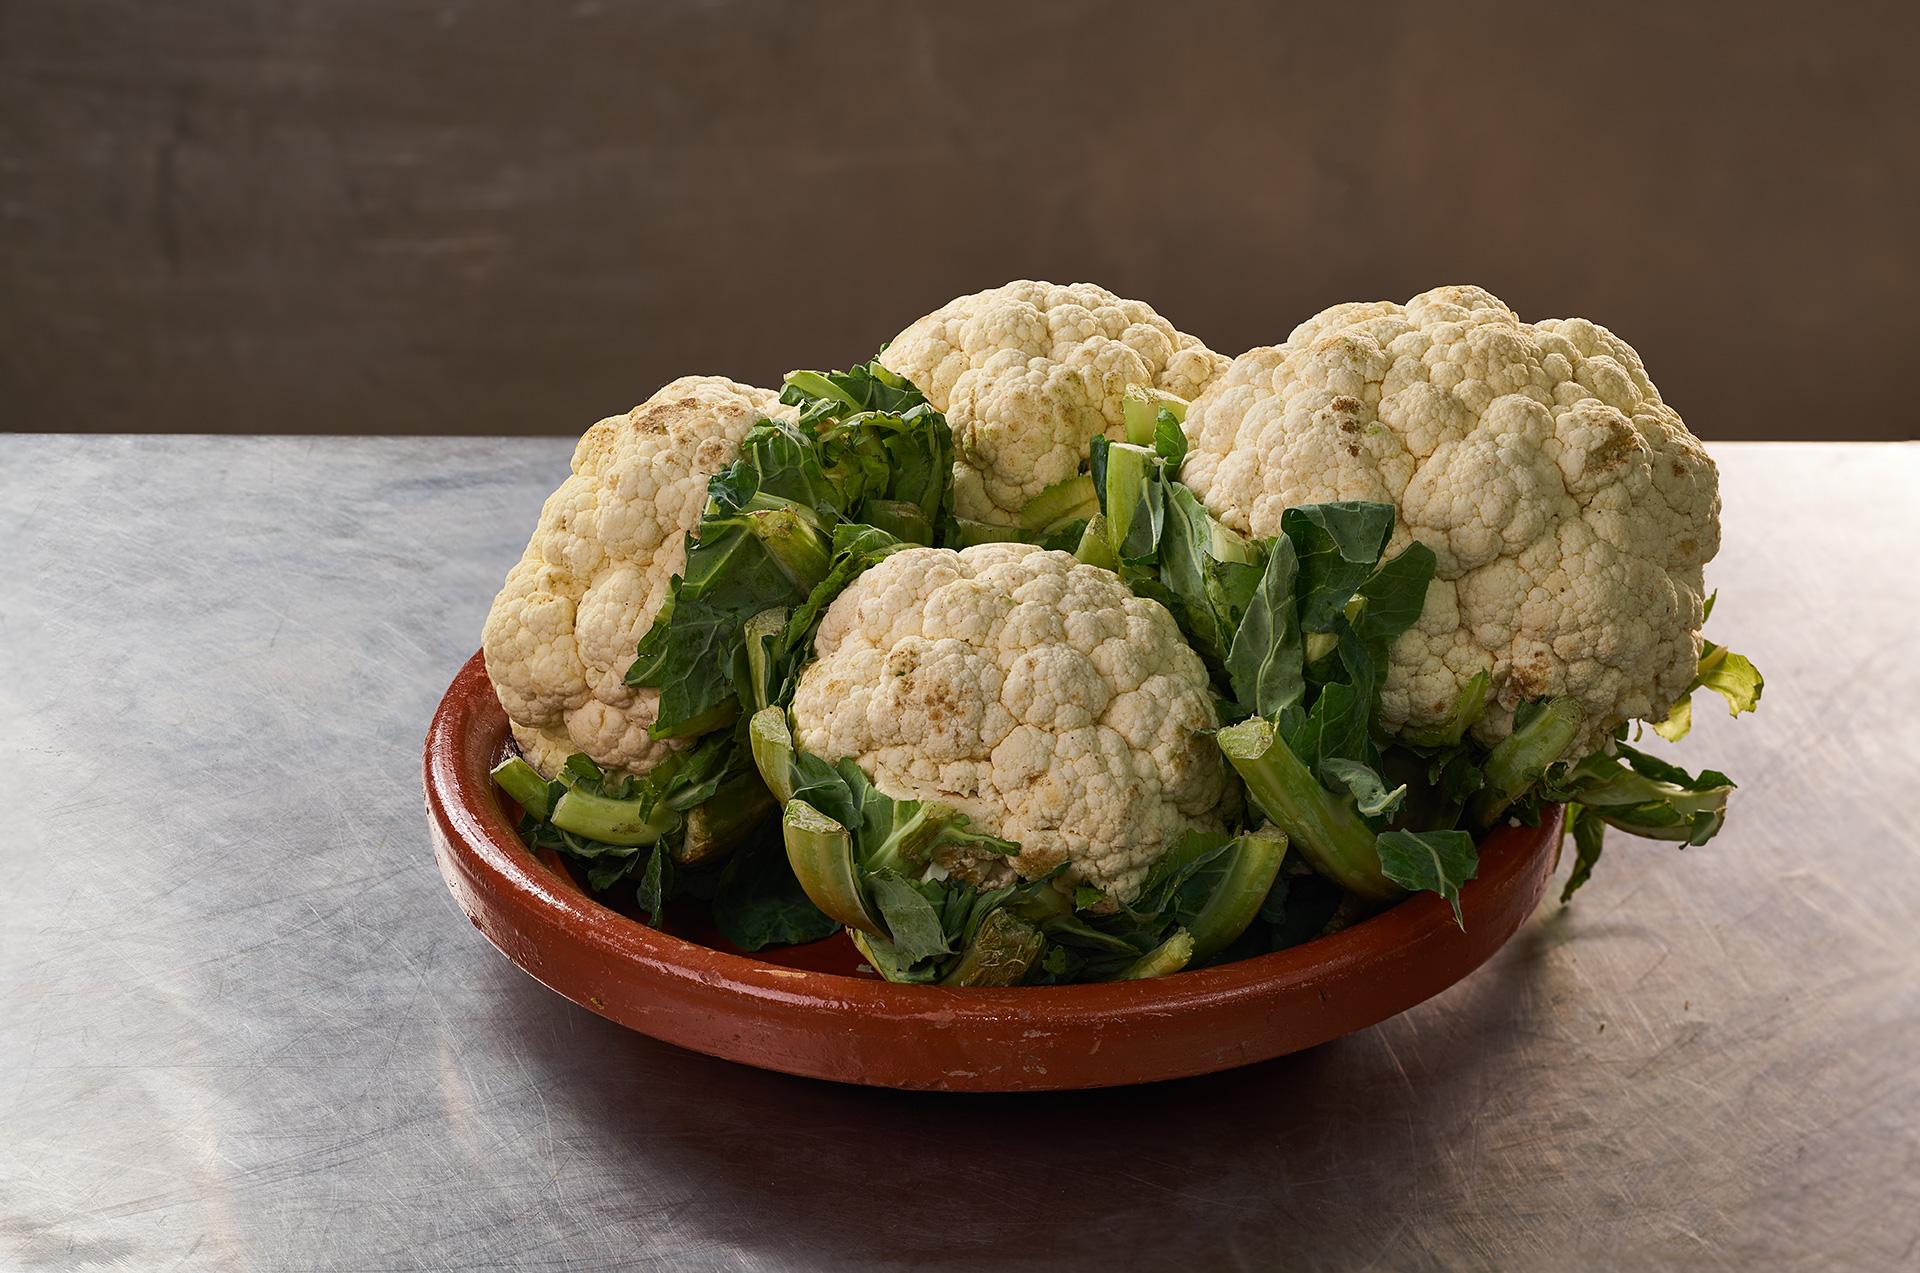 Приготовить Капусту Диета. 6 рецептов приготовления блюд из капусты для худеющих